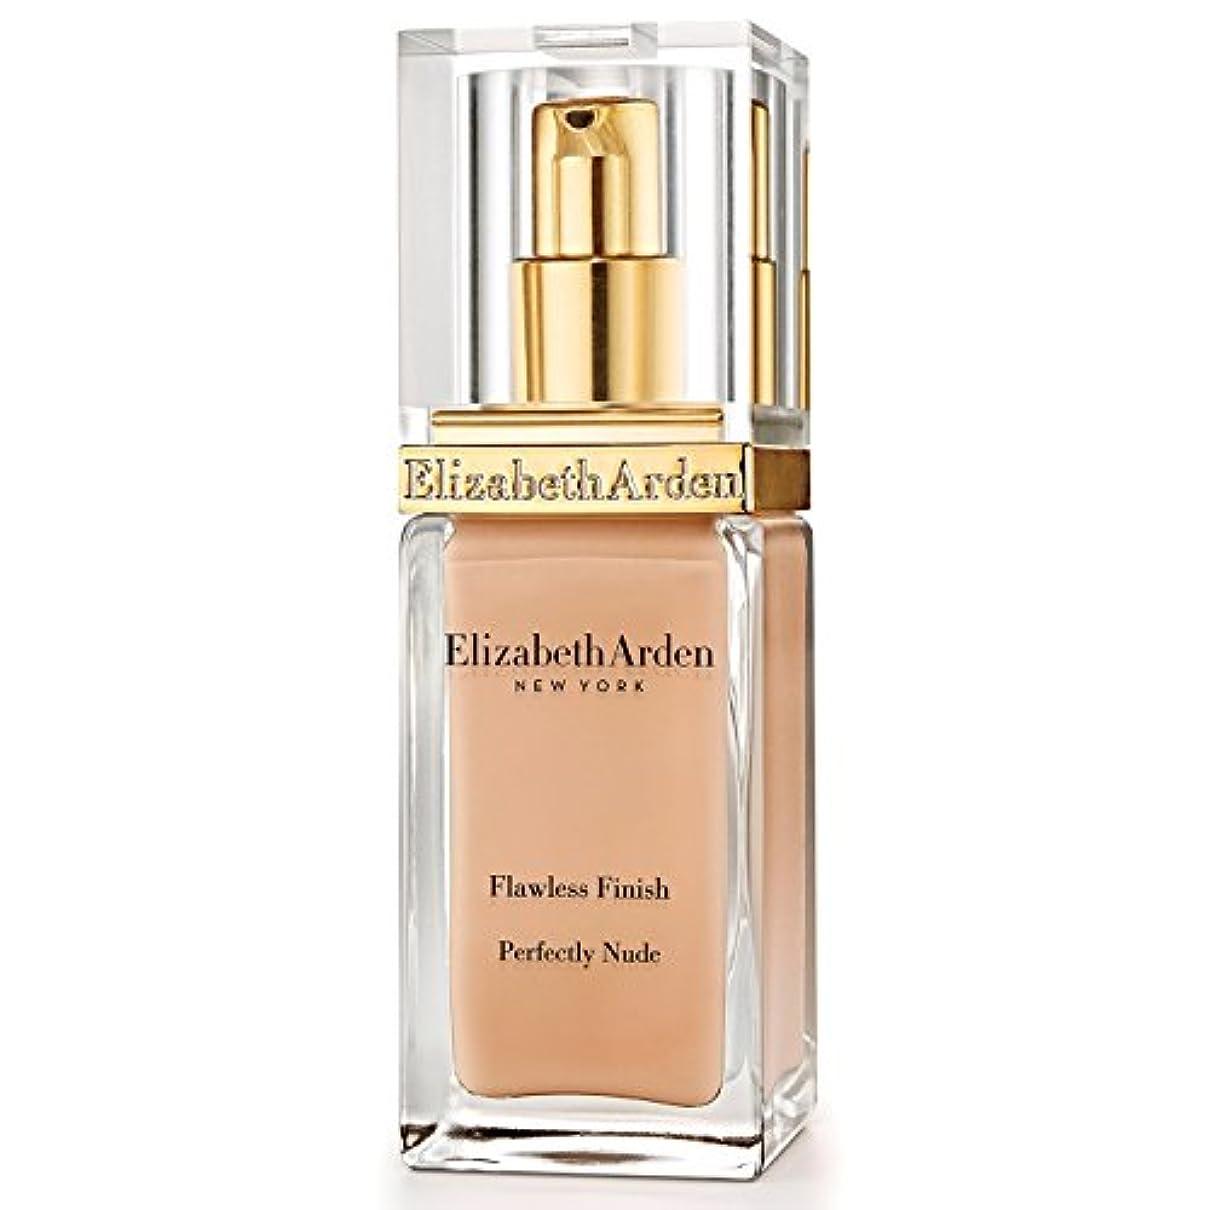 ベジタリアン受け継ぐ鑑定エリザベスは、完璧な仕上がり完璧ヌードファンデーション 15バニラシェイクをアーデン x2 - Elizabeth Arden Flawless Finish Perfectly Nude Foundation SPF...